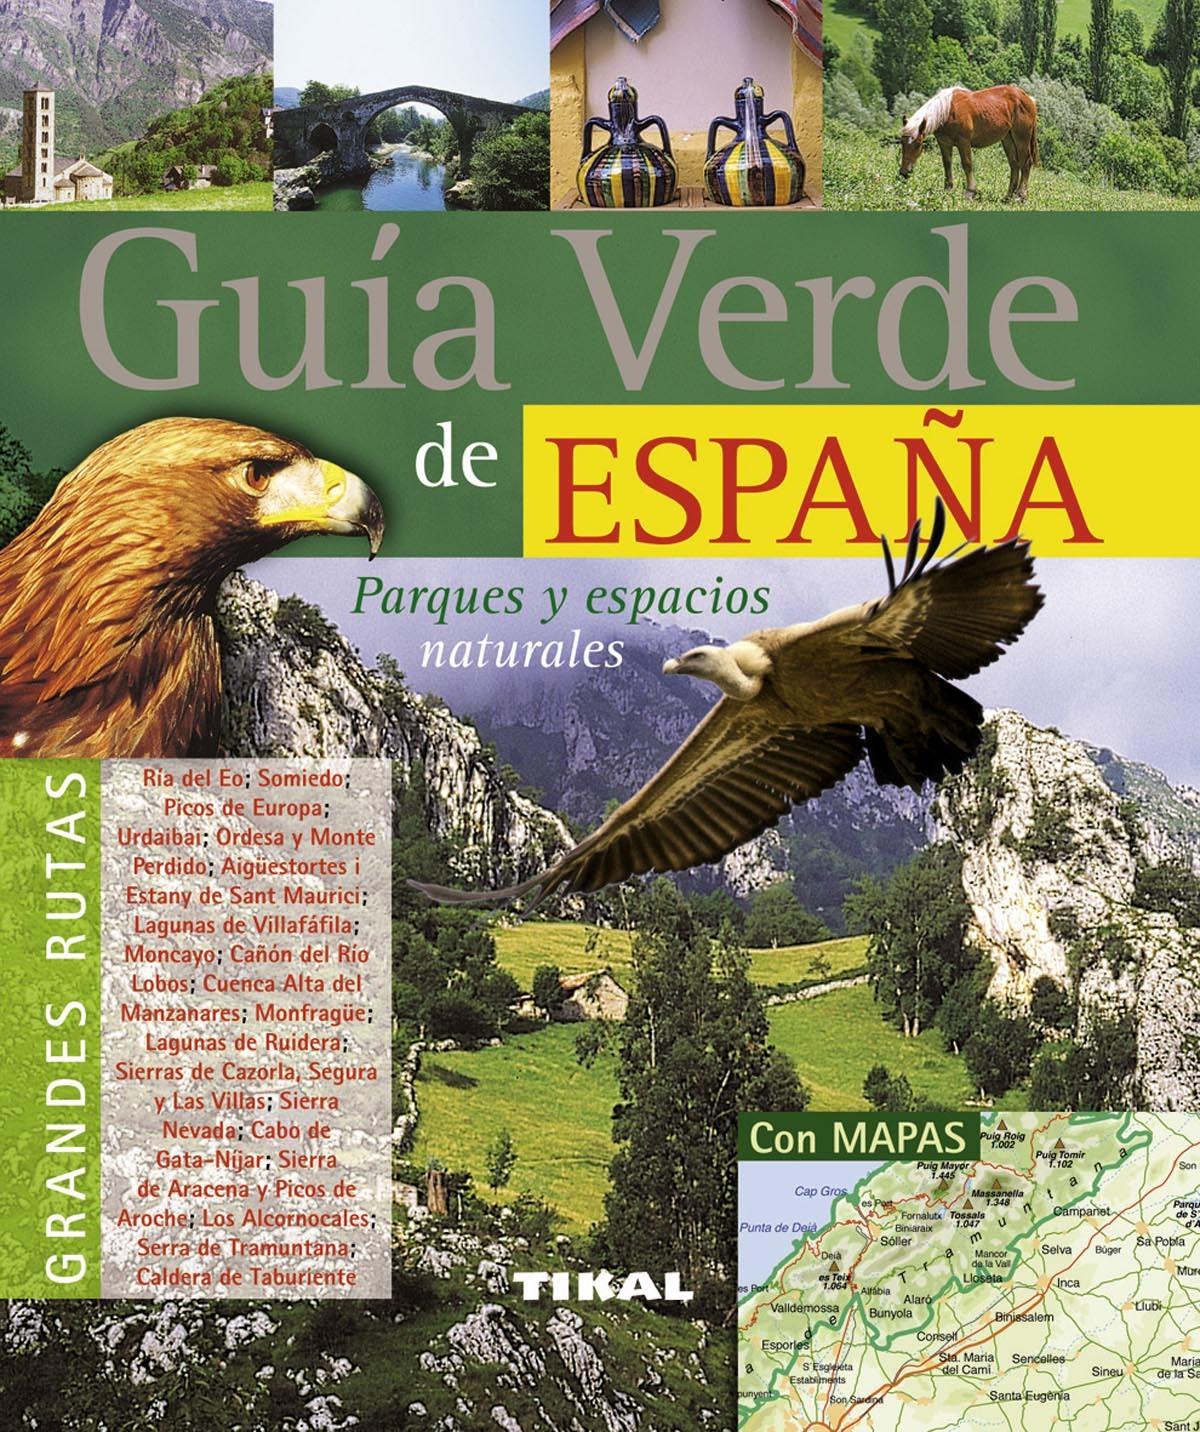 GUÍA VERDE DE ESPAÑA. PARQUES Y ESPACIOS NATURALES